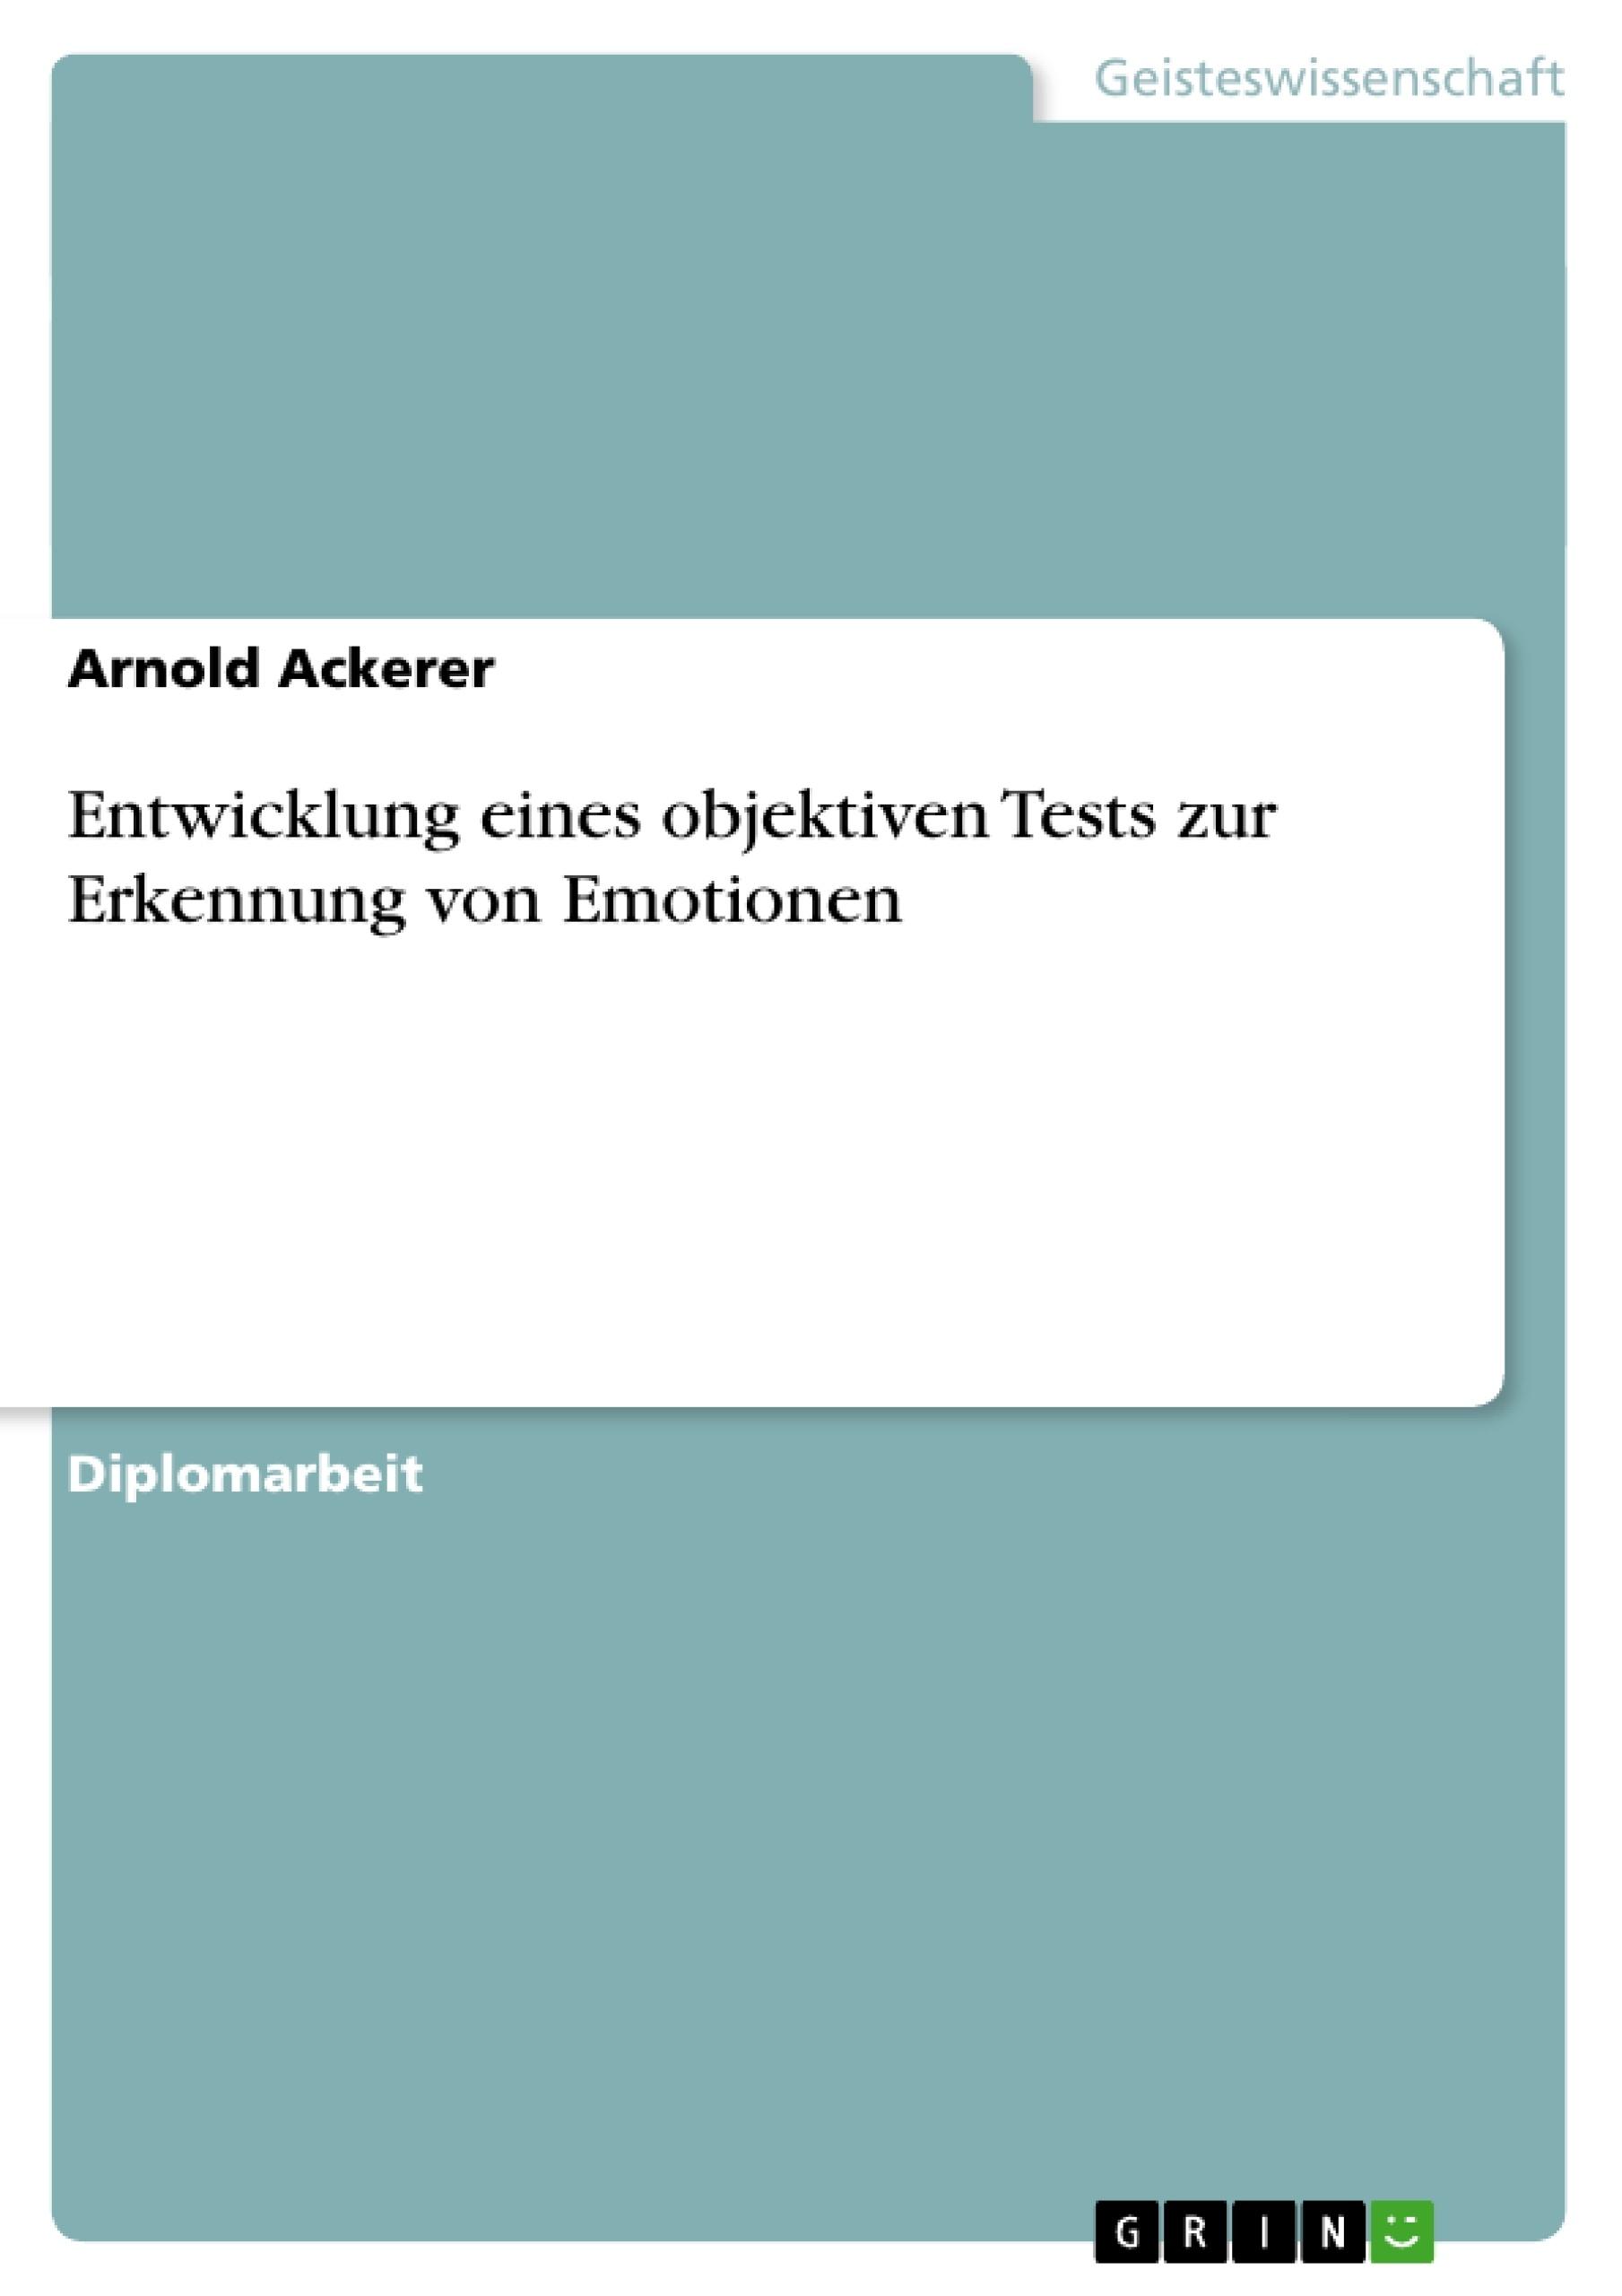 Titel: Entwicklung eines objektiven Tests zur Erkennung von Emotionen